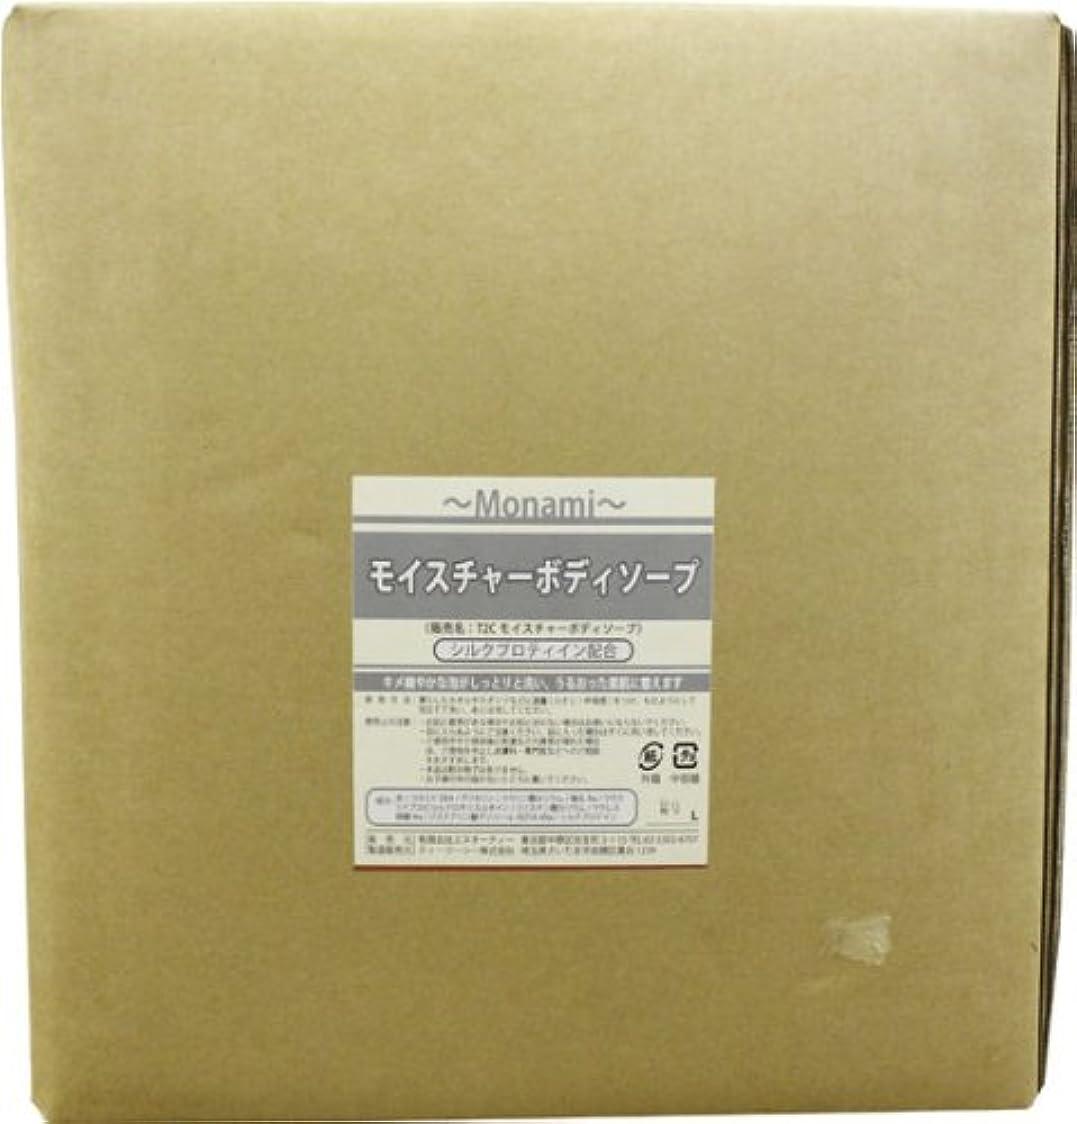 養う酸化物レンズモナミモイスチャーボディソープ20L 無香料 シルクプロテイン配合